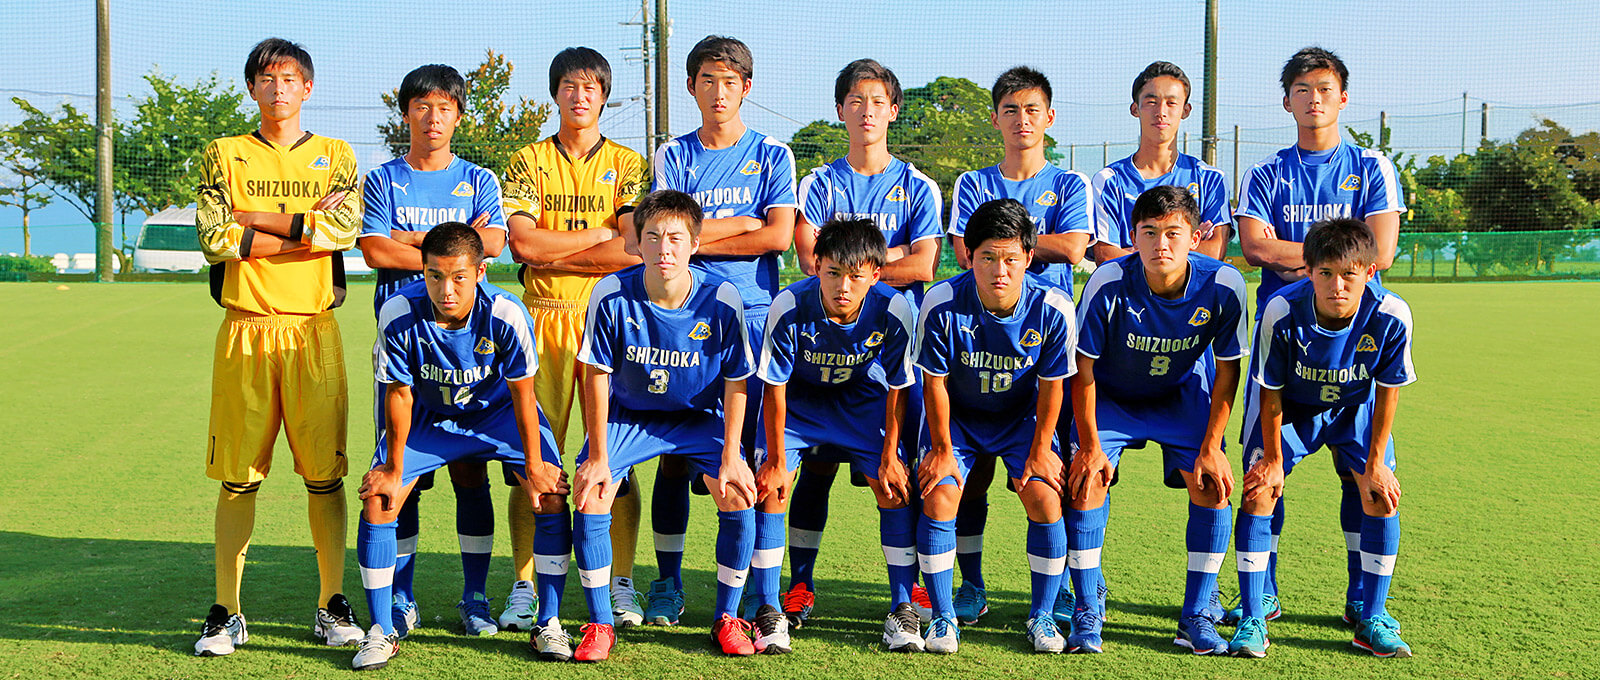 静岡ユース SBSカップ国際ユースサッカー2017